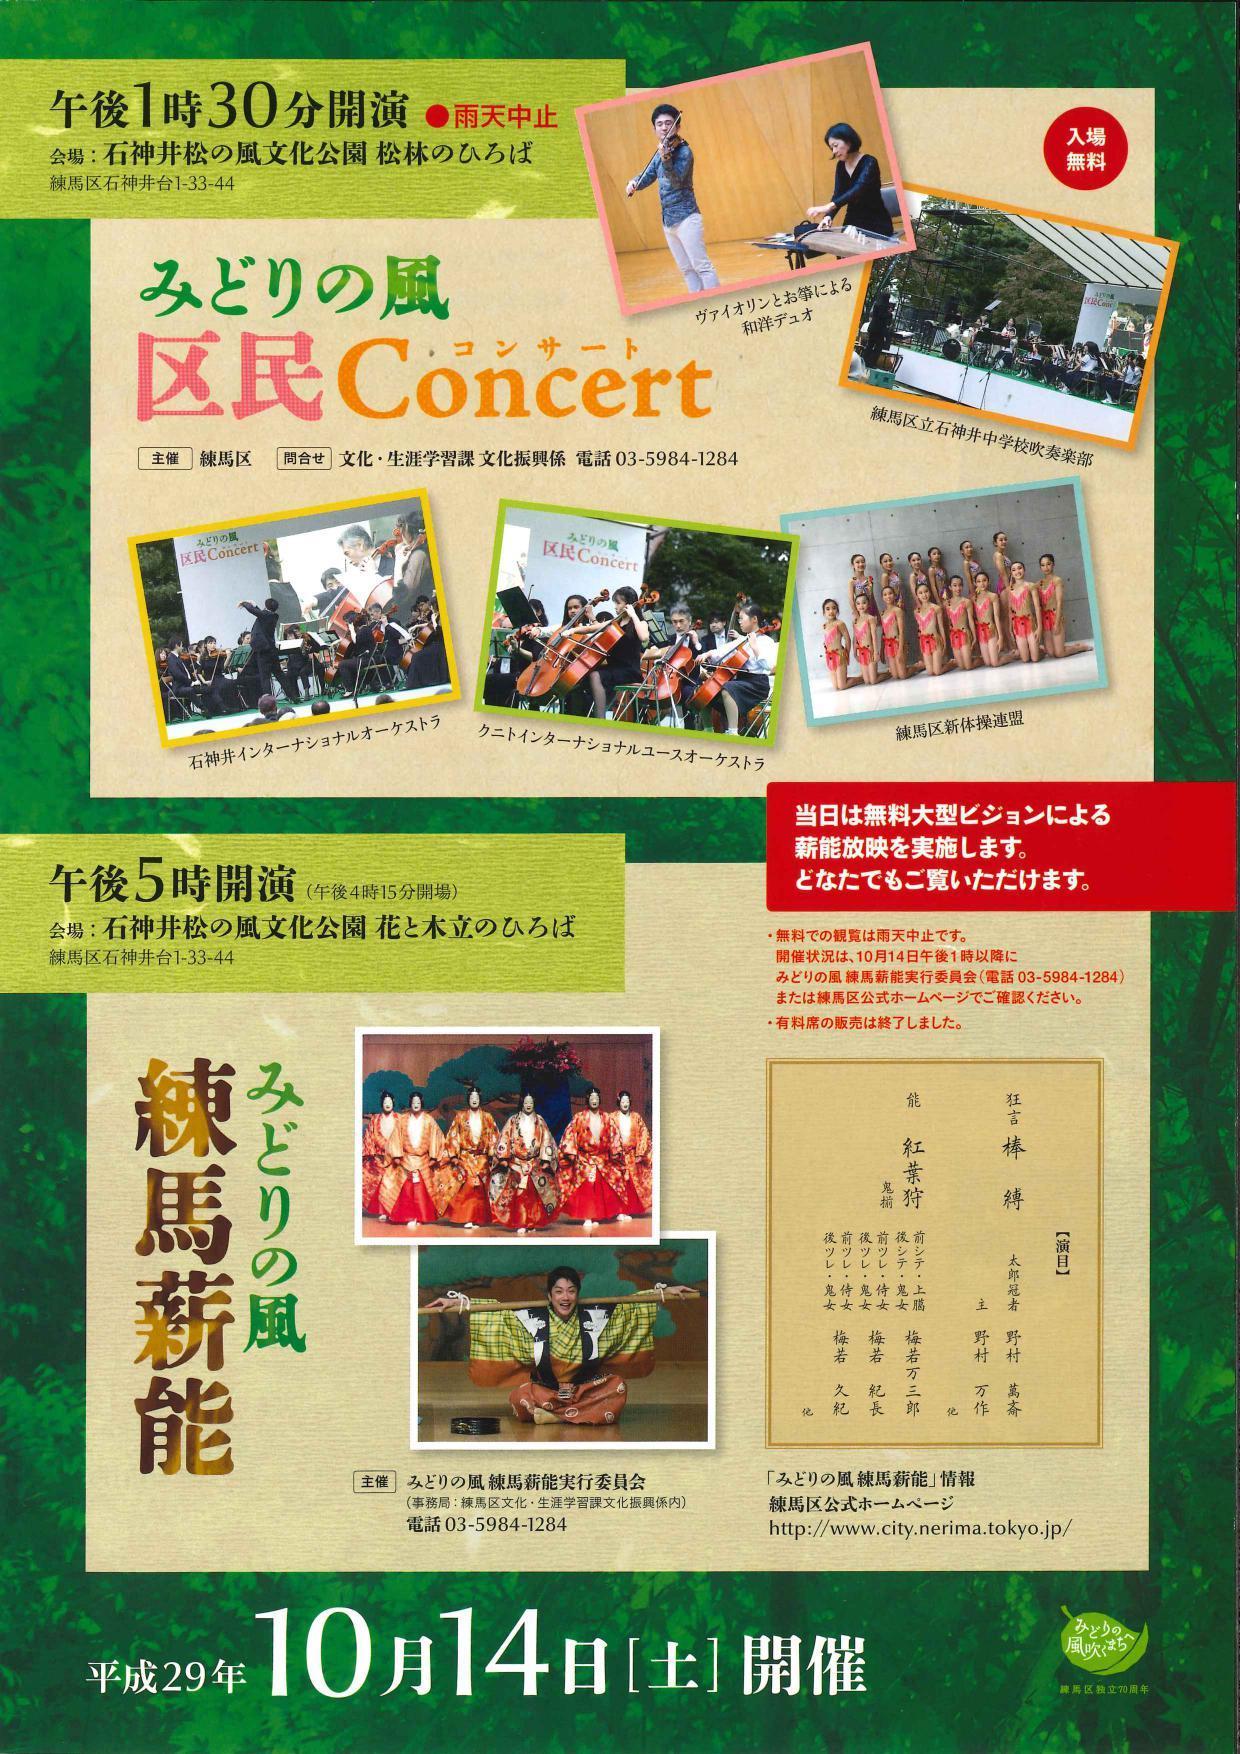 Midorino风区民音乐会